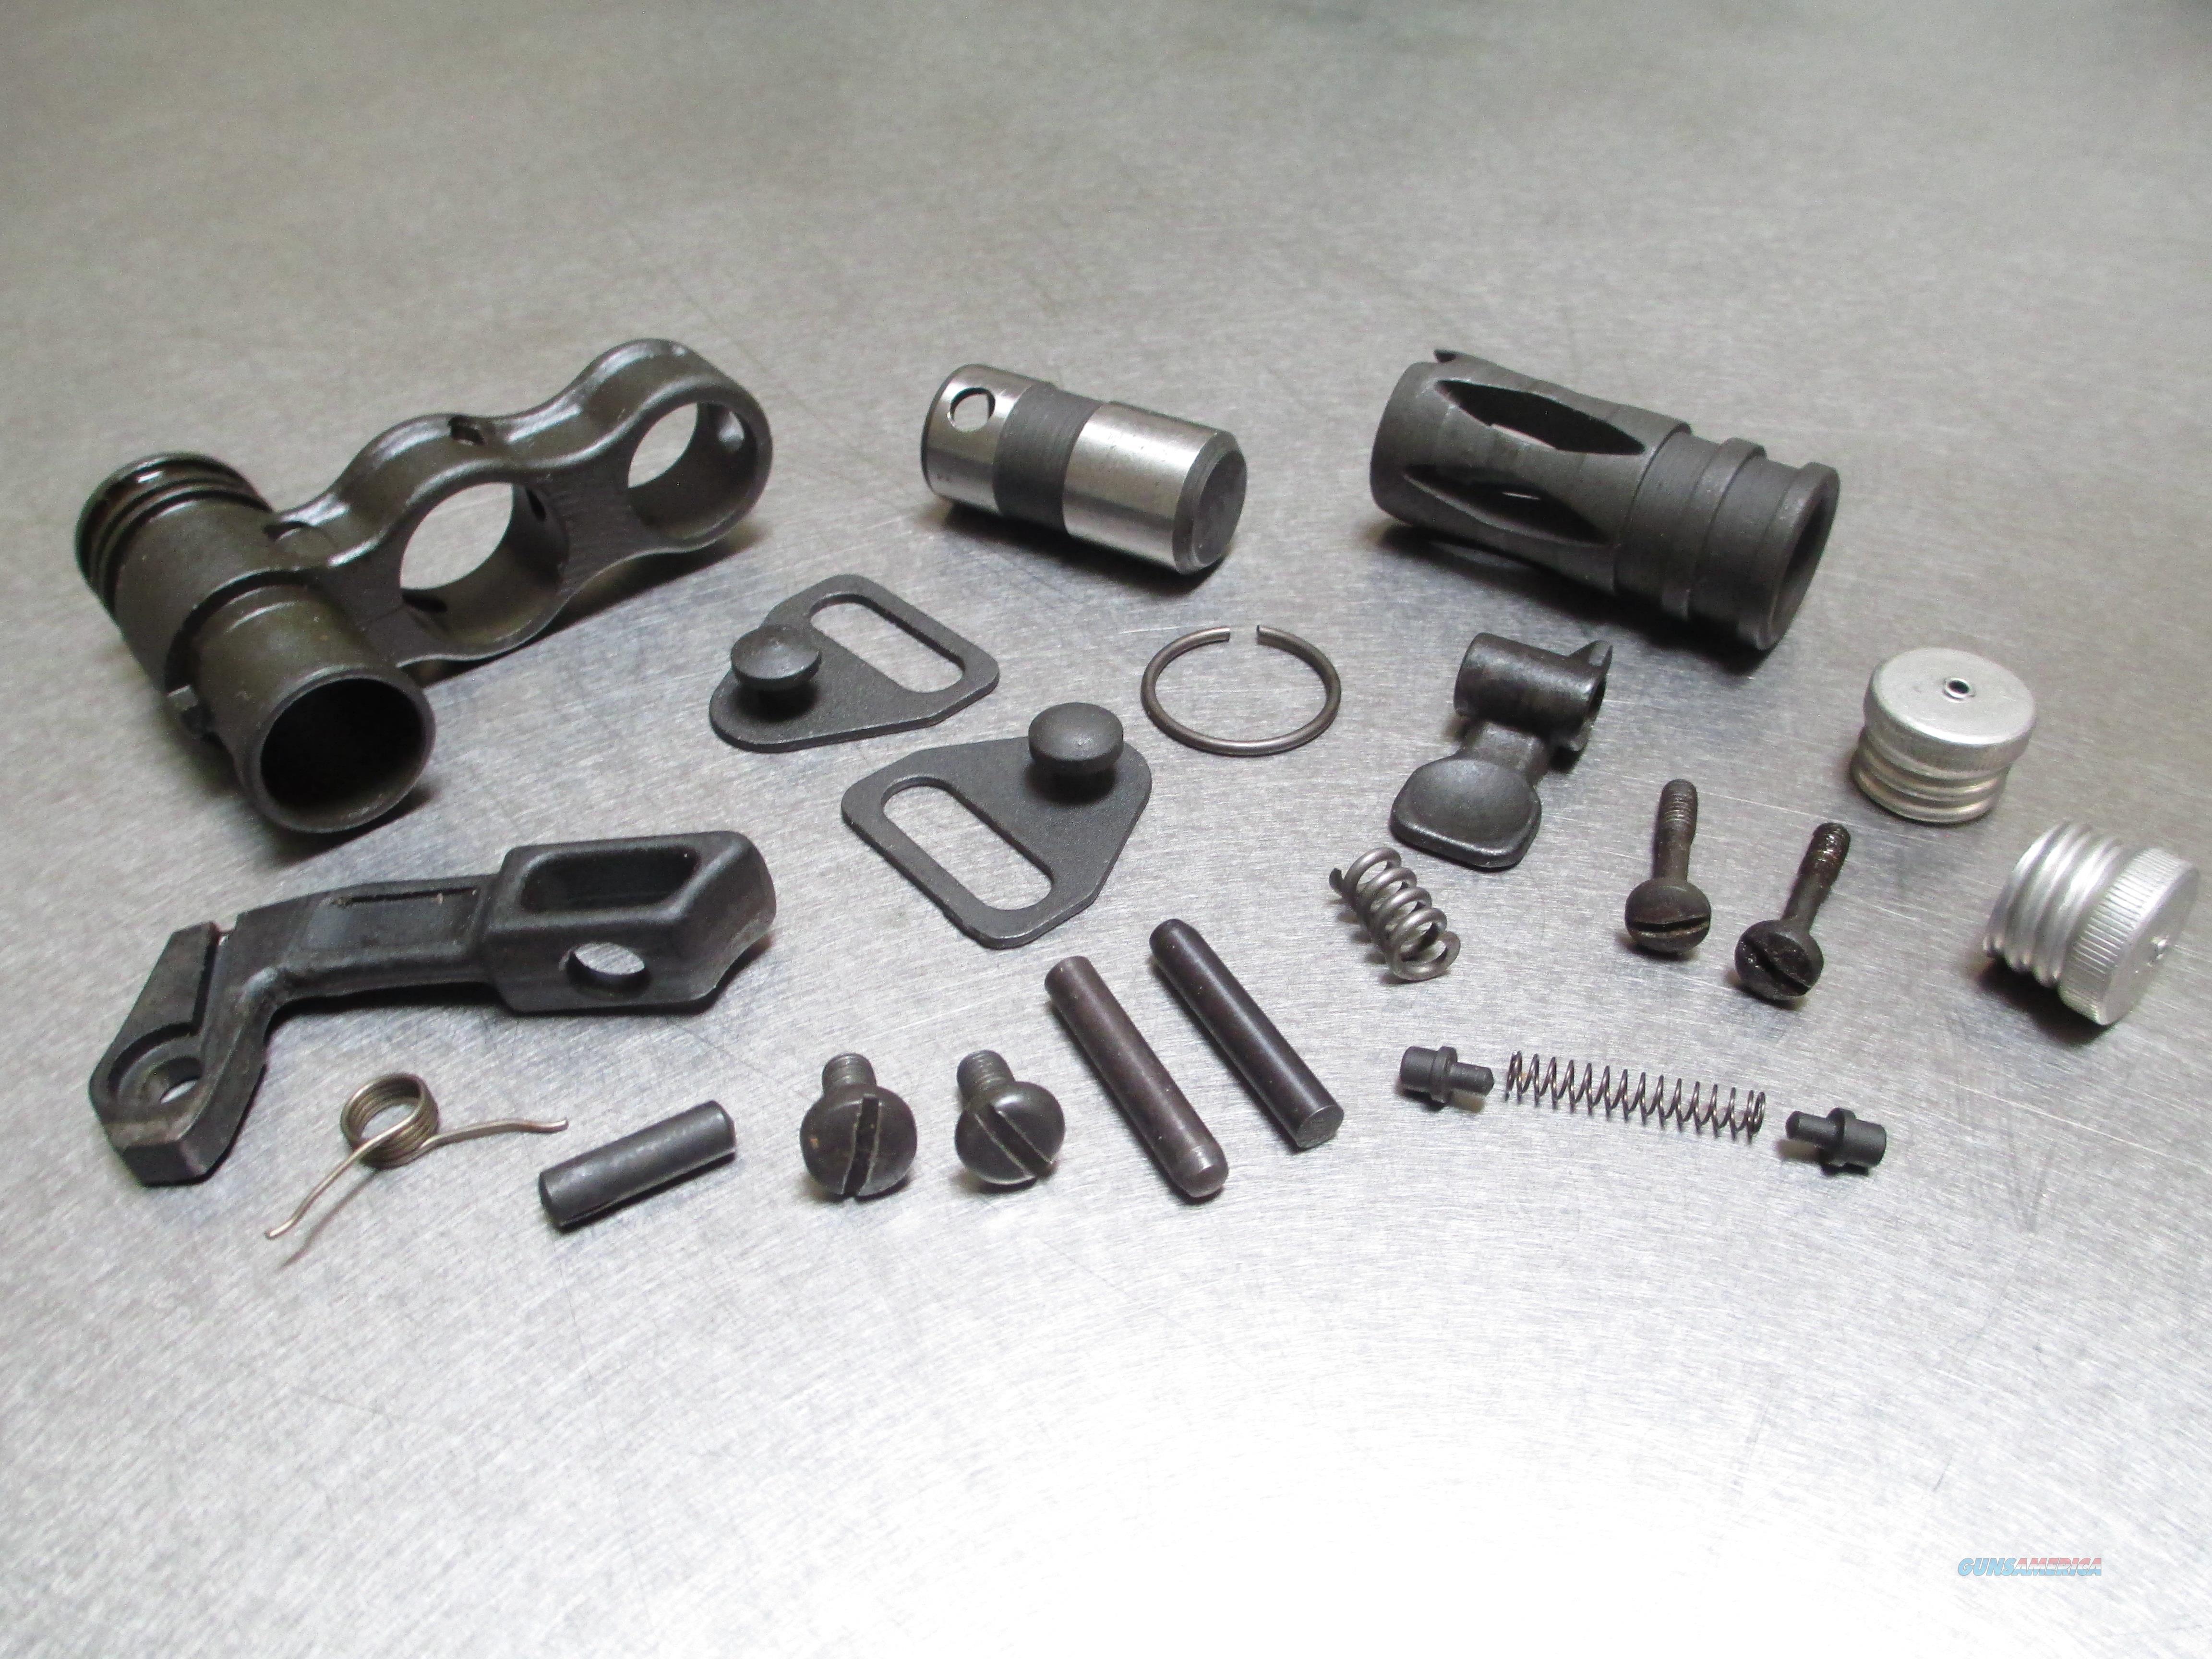 CETME C .308 22pc. PARTS SET  Non-Guns > Gun Parts > Military - Foreign